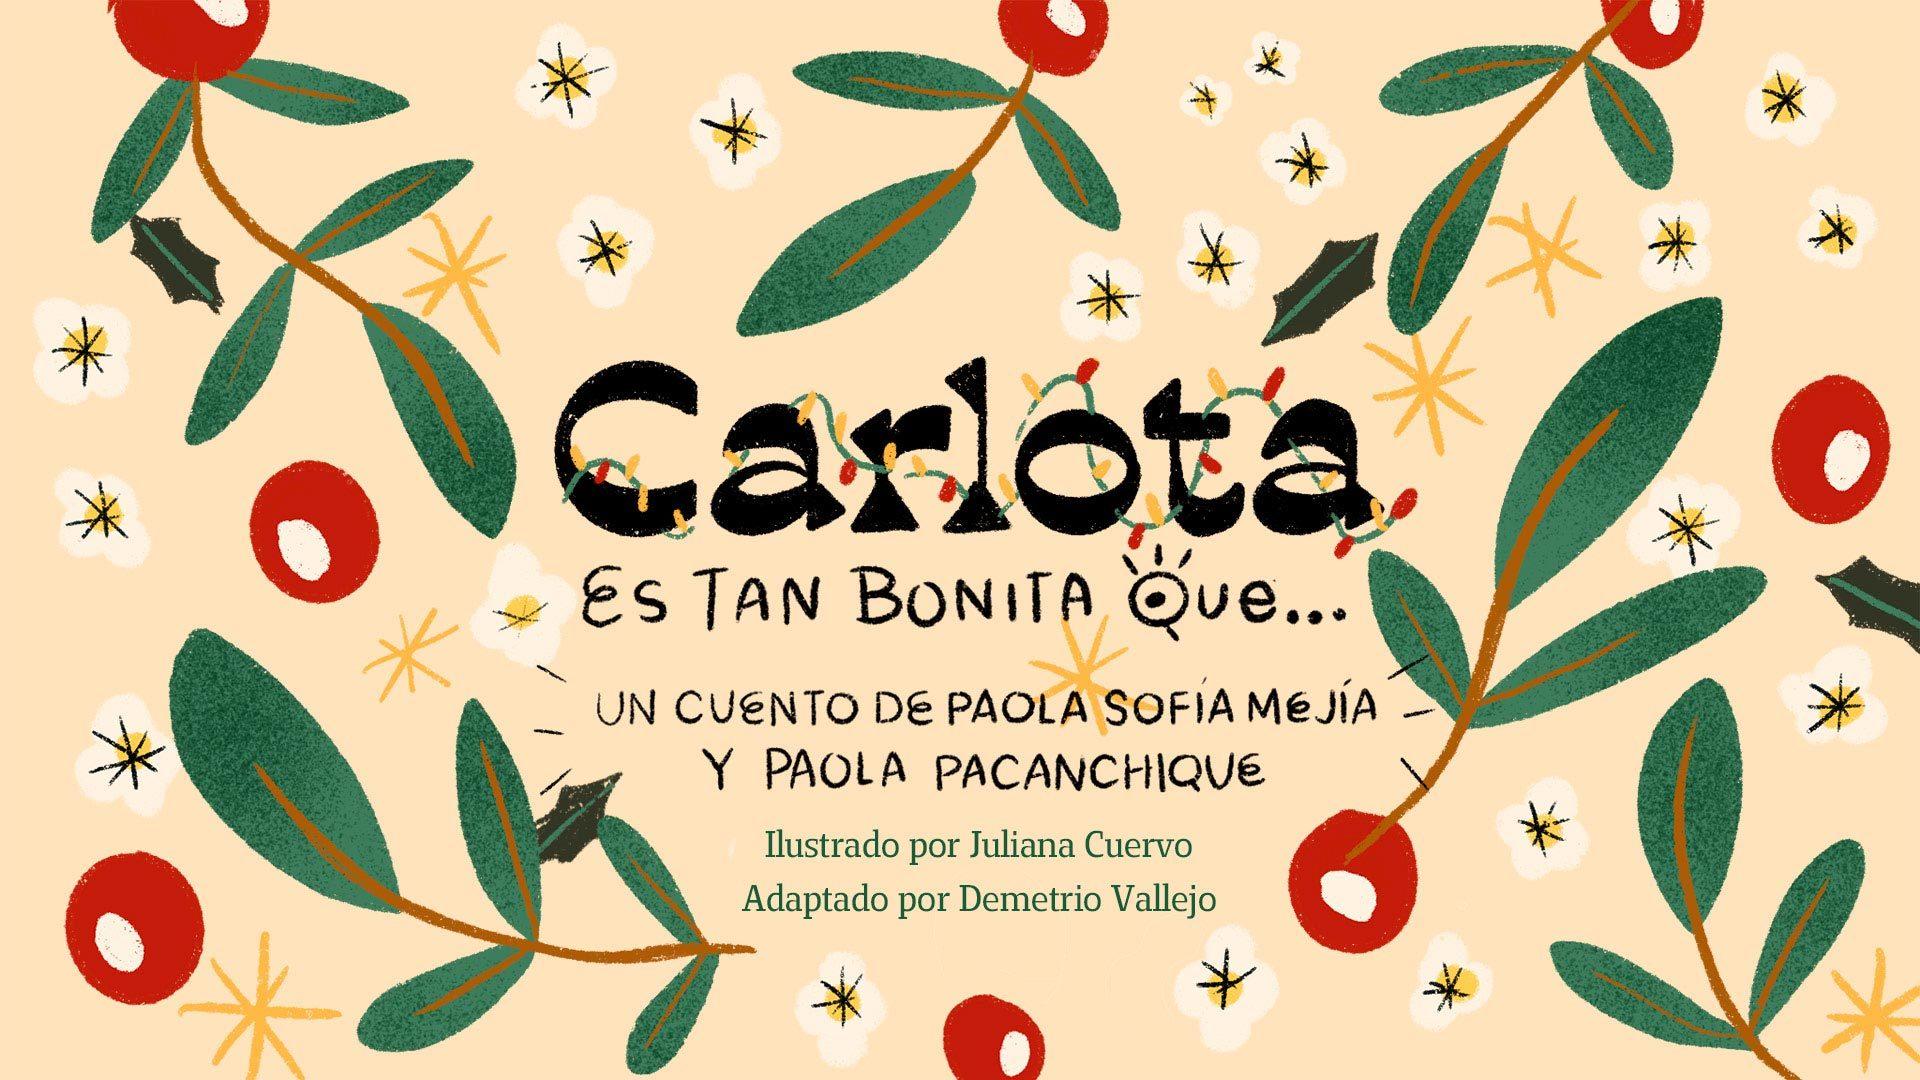 Cuentazos | Carlota Es Tan Bonita Que....